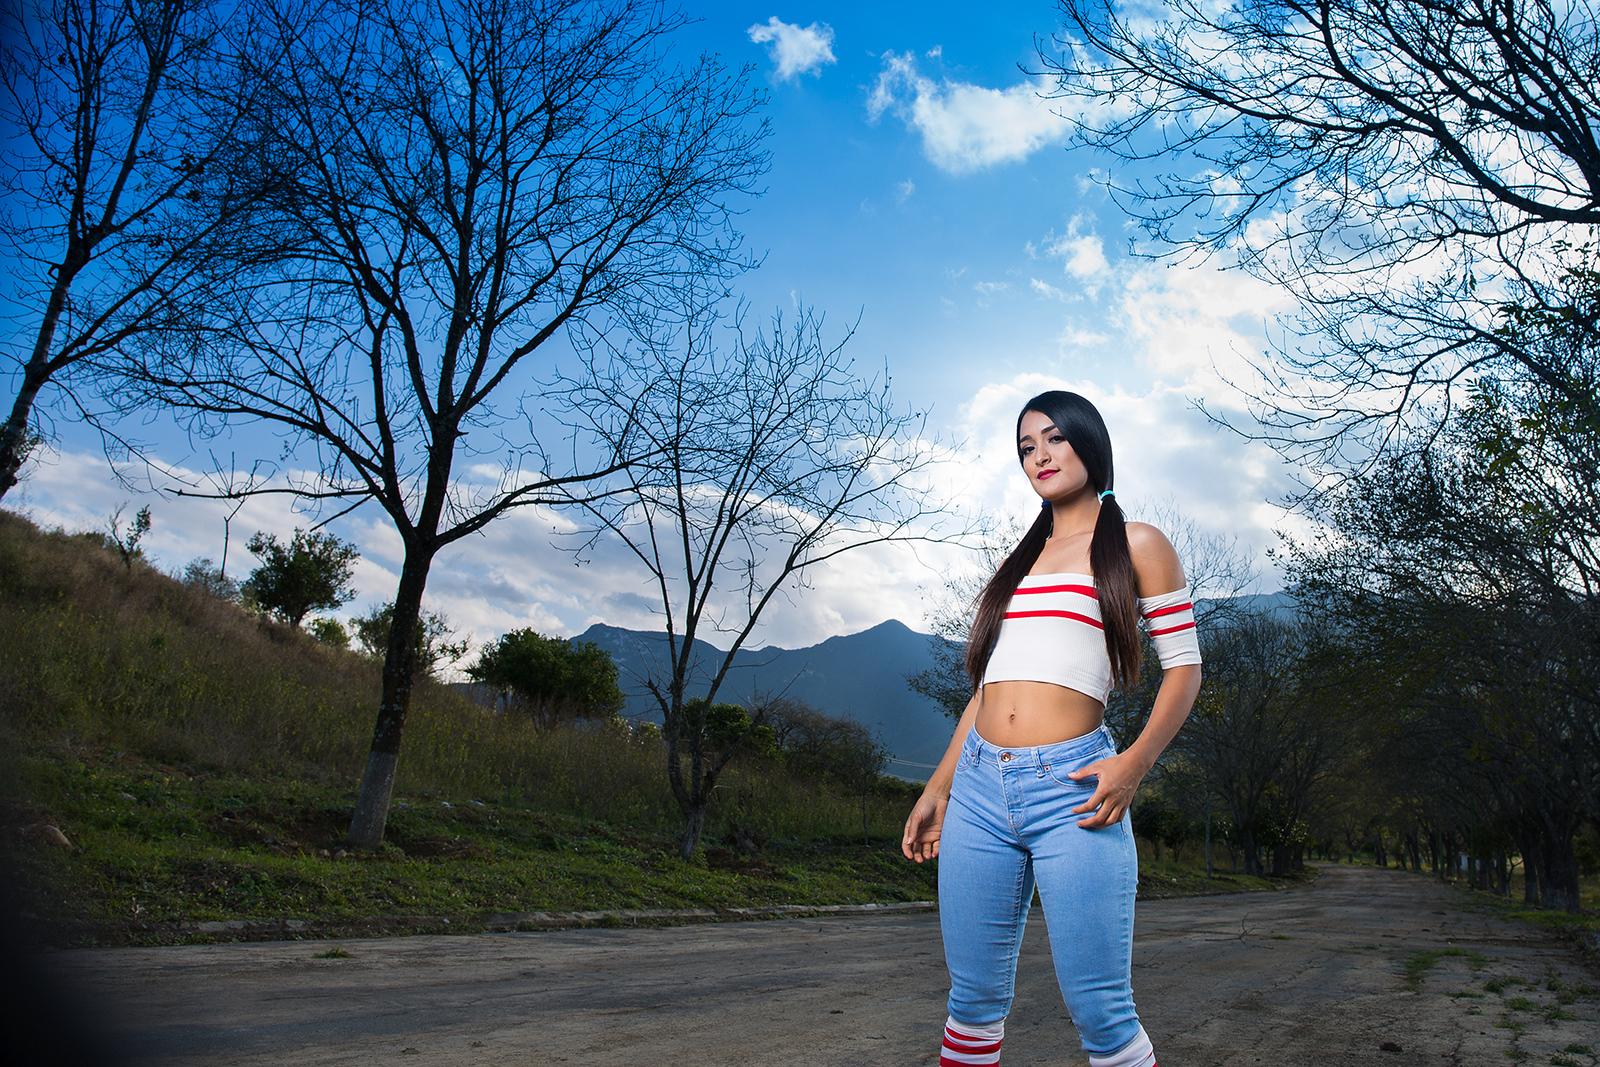 IMAGE: https://photos.smugmug.com/photos/i-HC6sjcq/0/3b042061/X3/i-HC6sjcq-X3.jpg